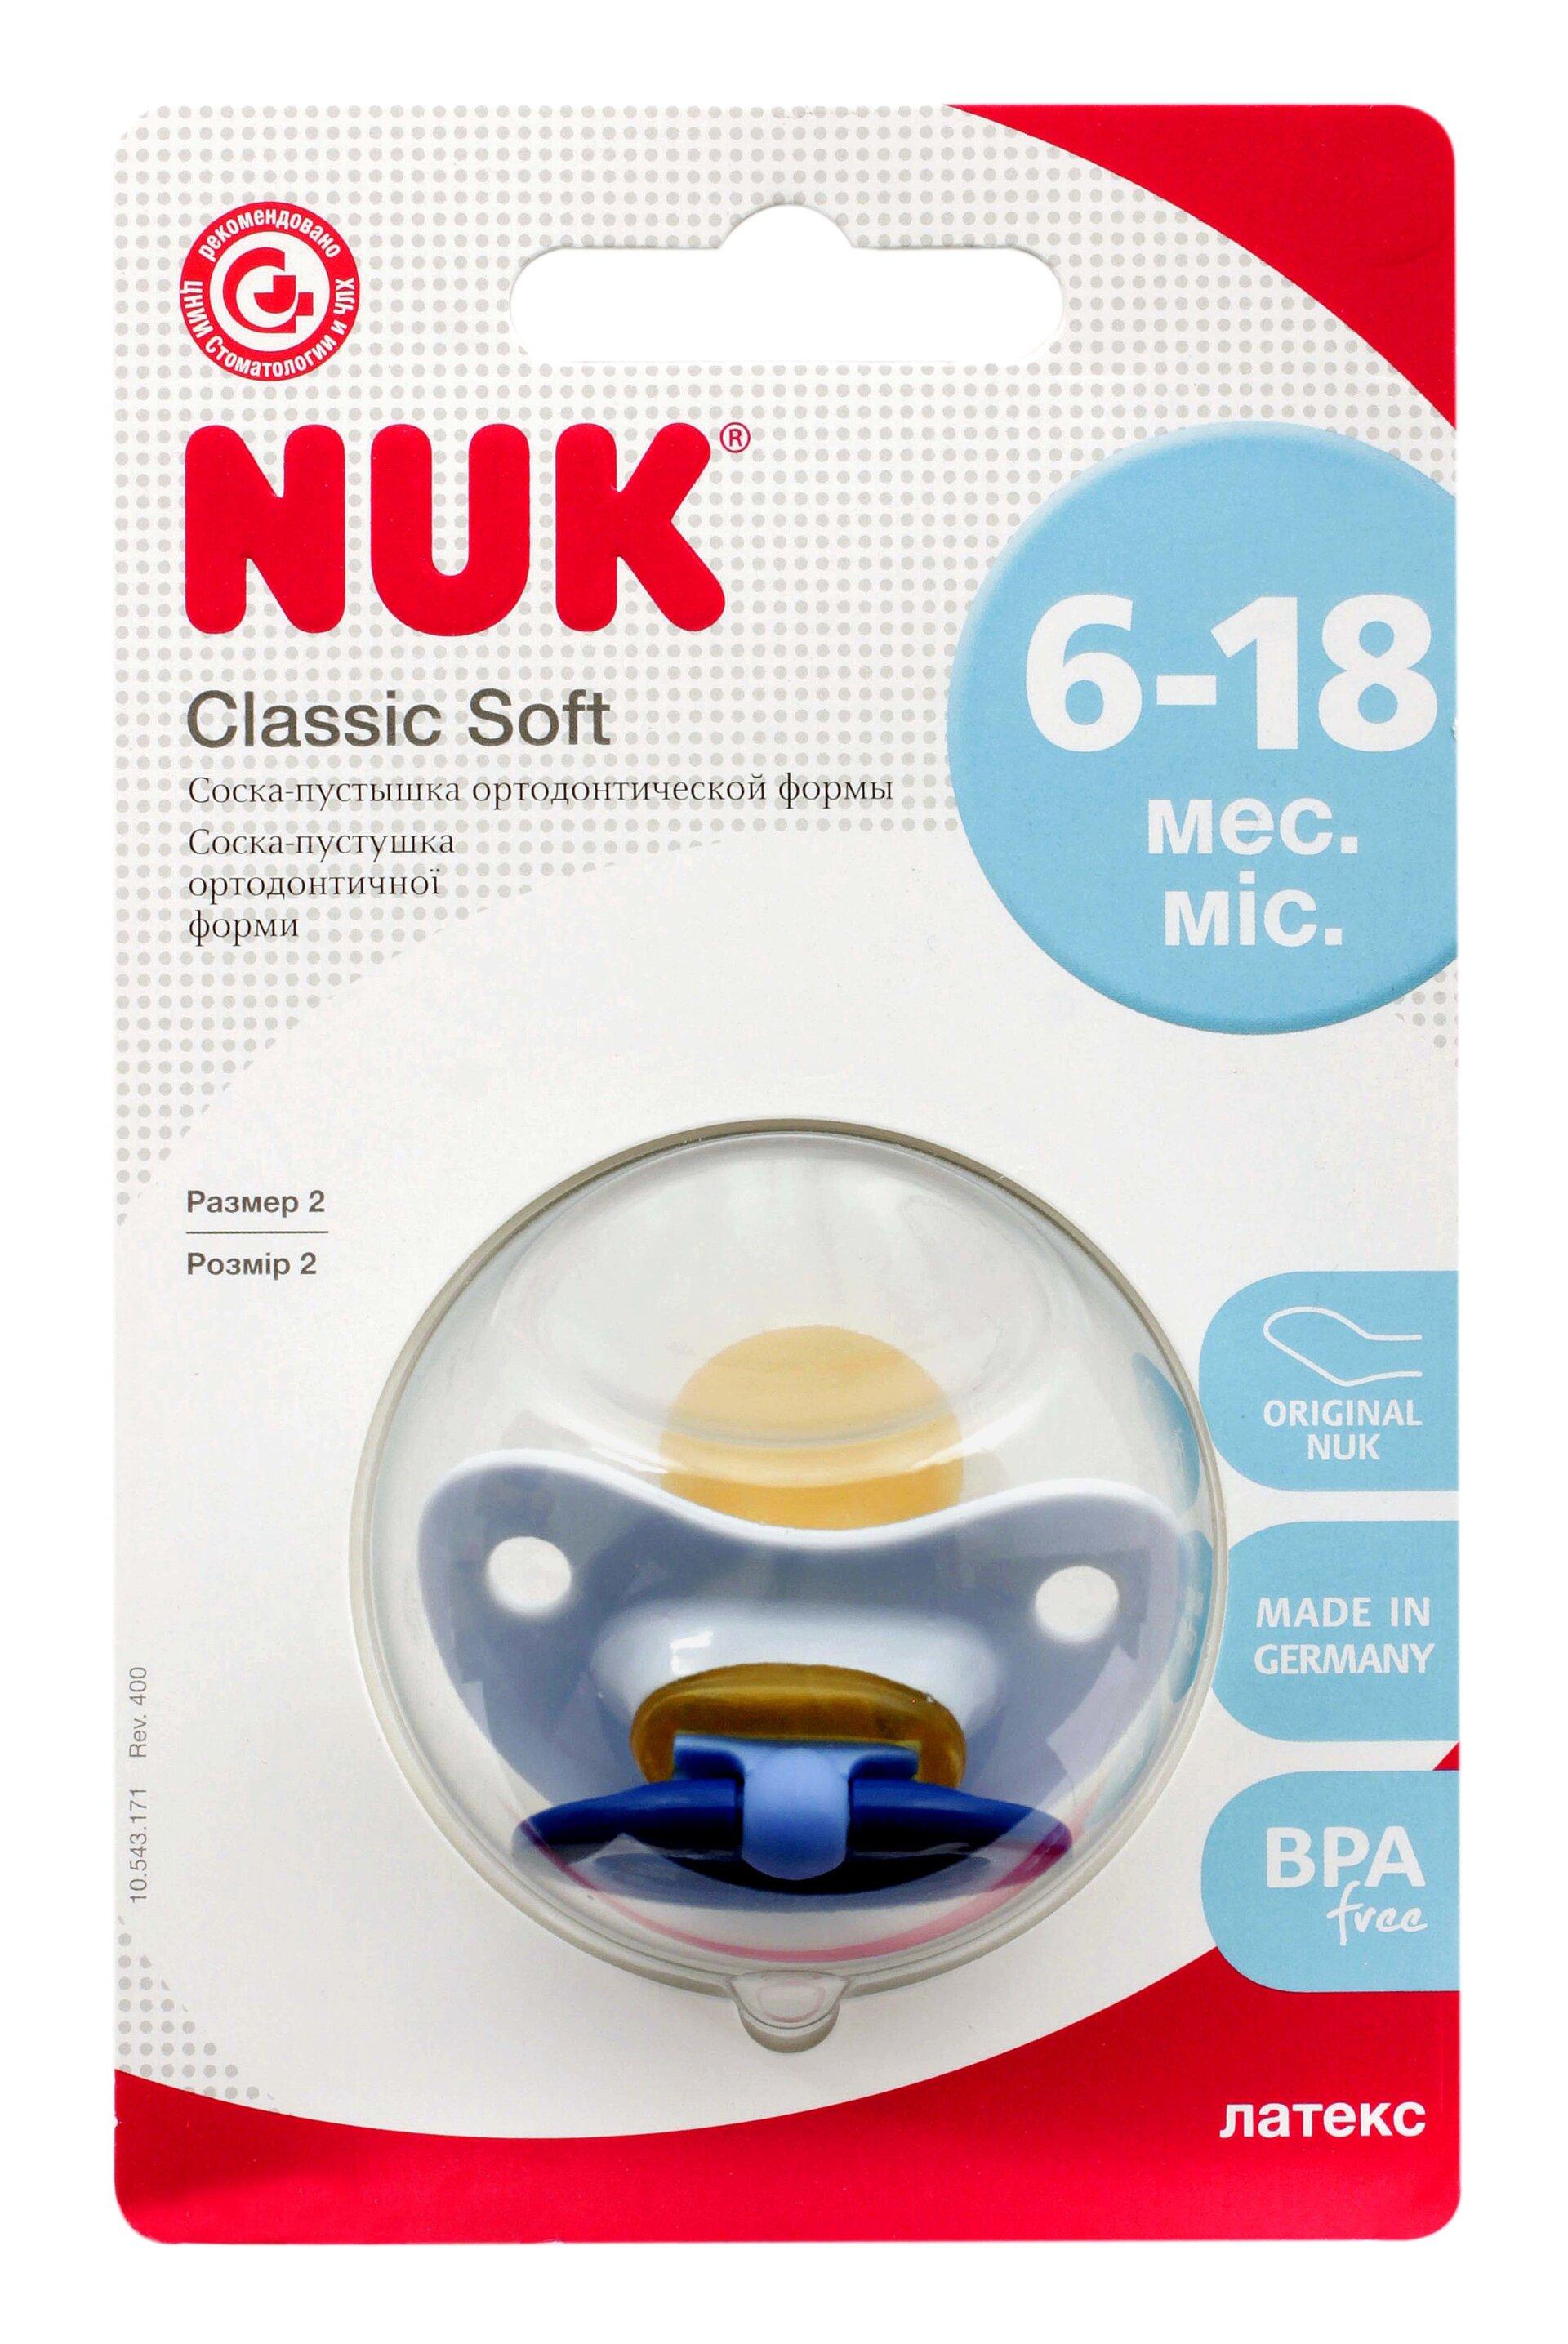 """Пустышка-соска """"Classic Soft"""" светло-голубая ортодонтическая с 6-18 мес. 1 шт. латекс NUK (Нук) - фото pic_03a8cfb750837375f1ce4e6d0af19cb1_1920x9000_1.jpg"""